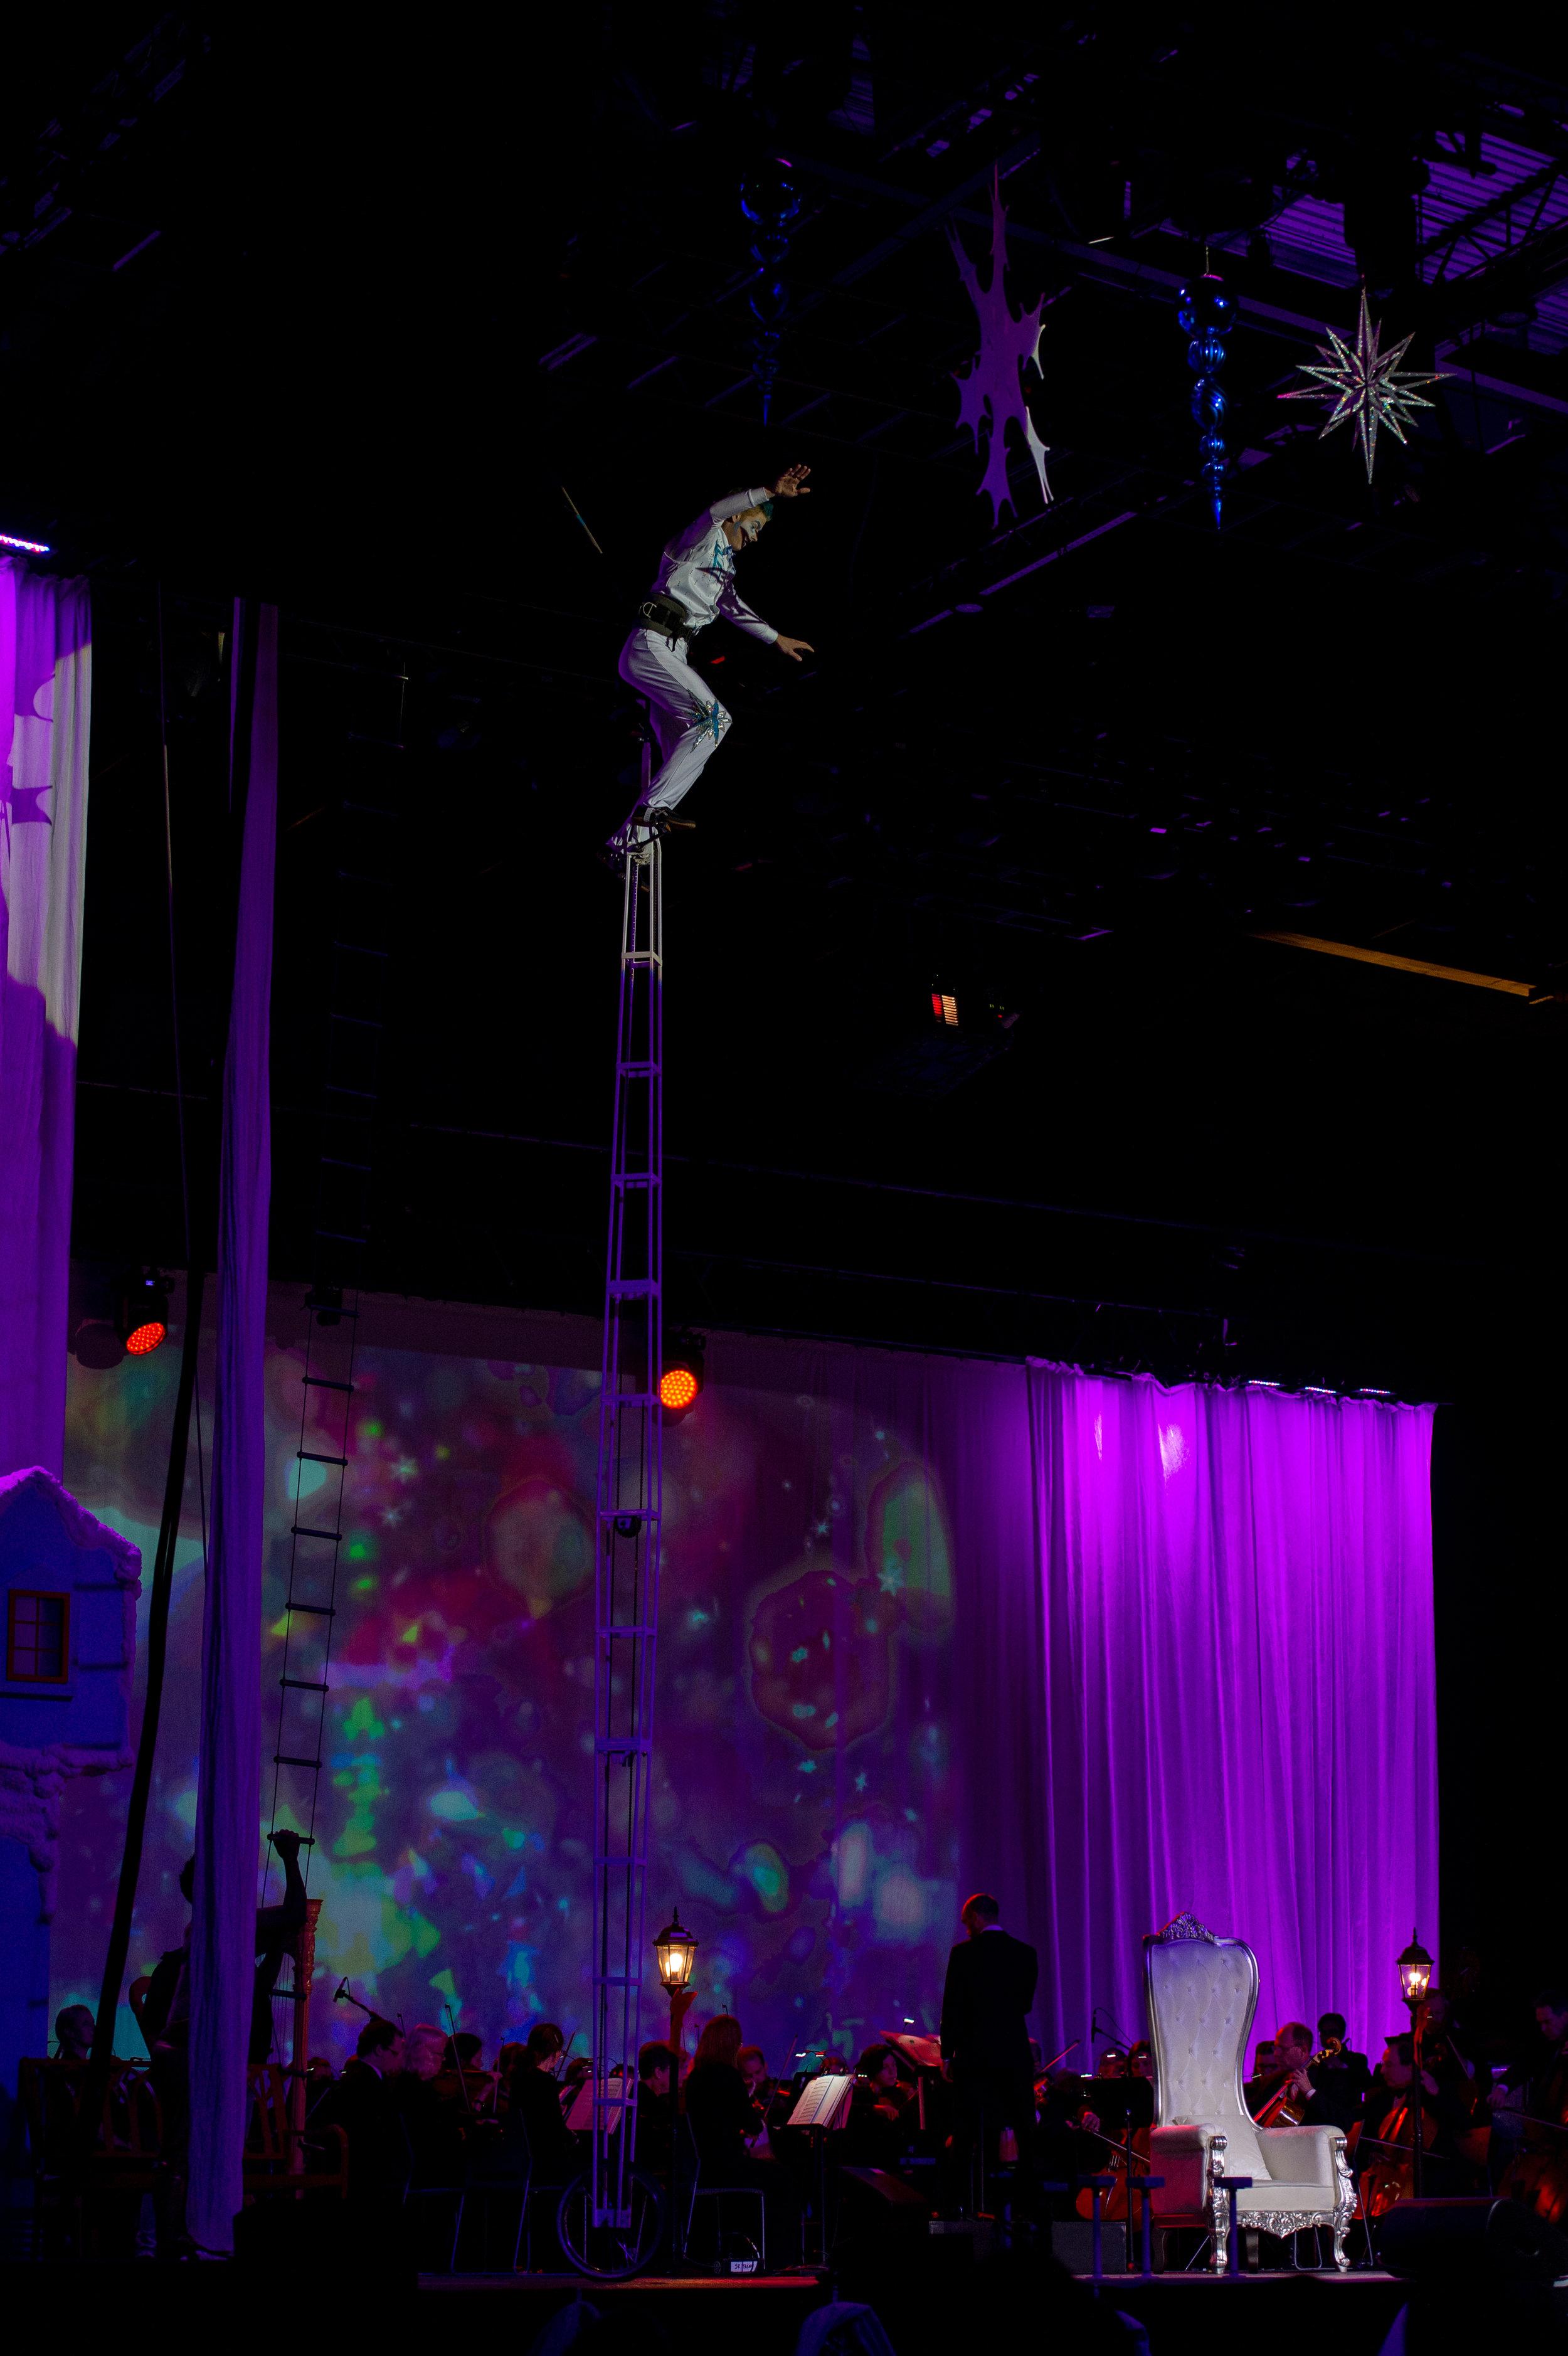 Cirque-ScheelsArena-50.jpg